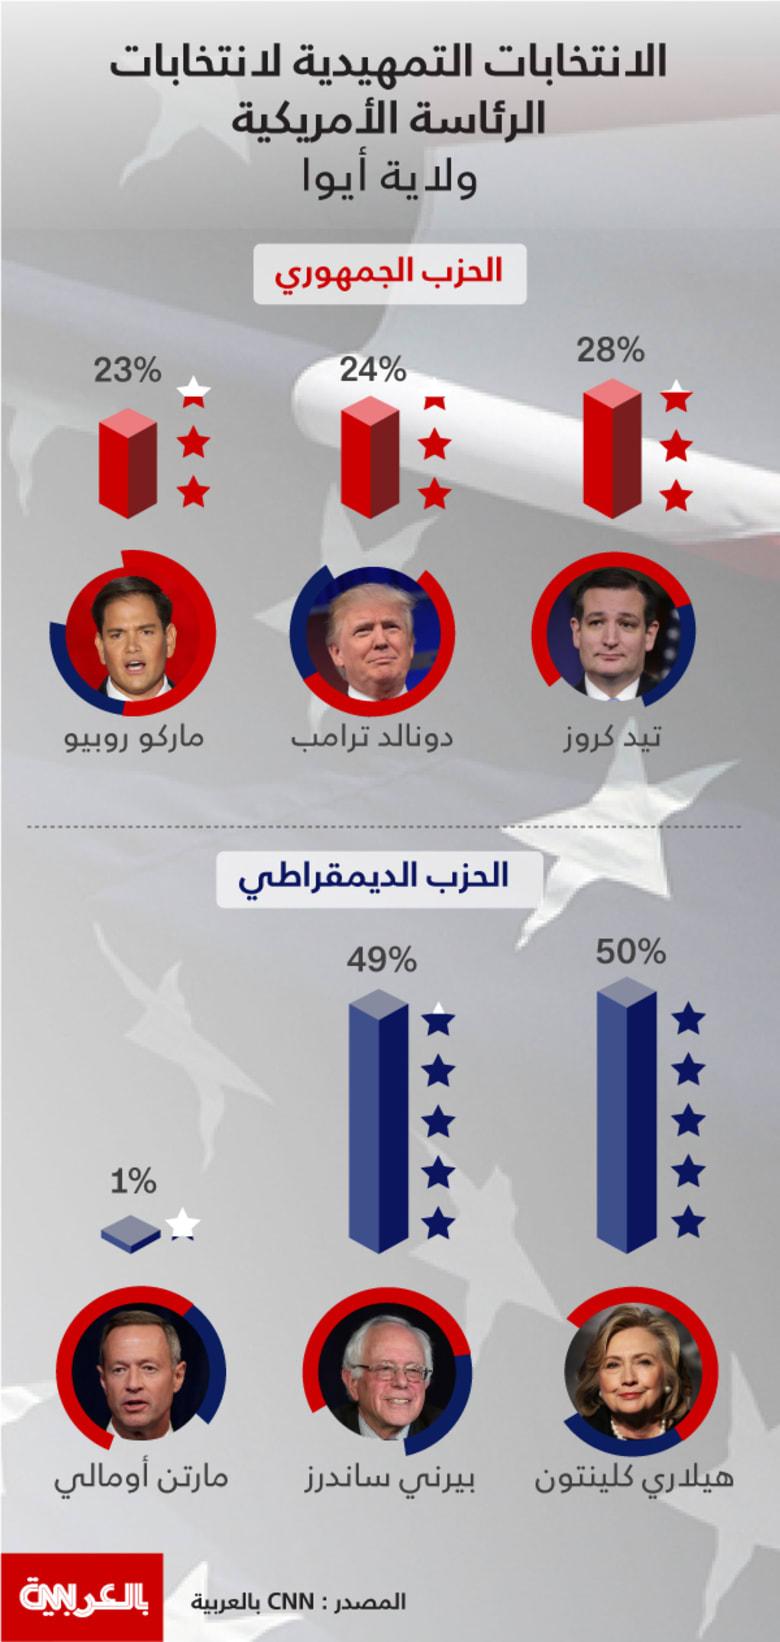 انفوجرافيك: تعرف على أبرز الفائزين والخاسرين في الانتخابات الأمريكية التمهيدية